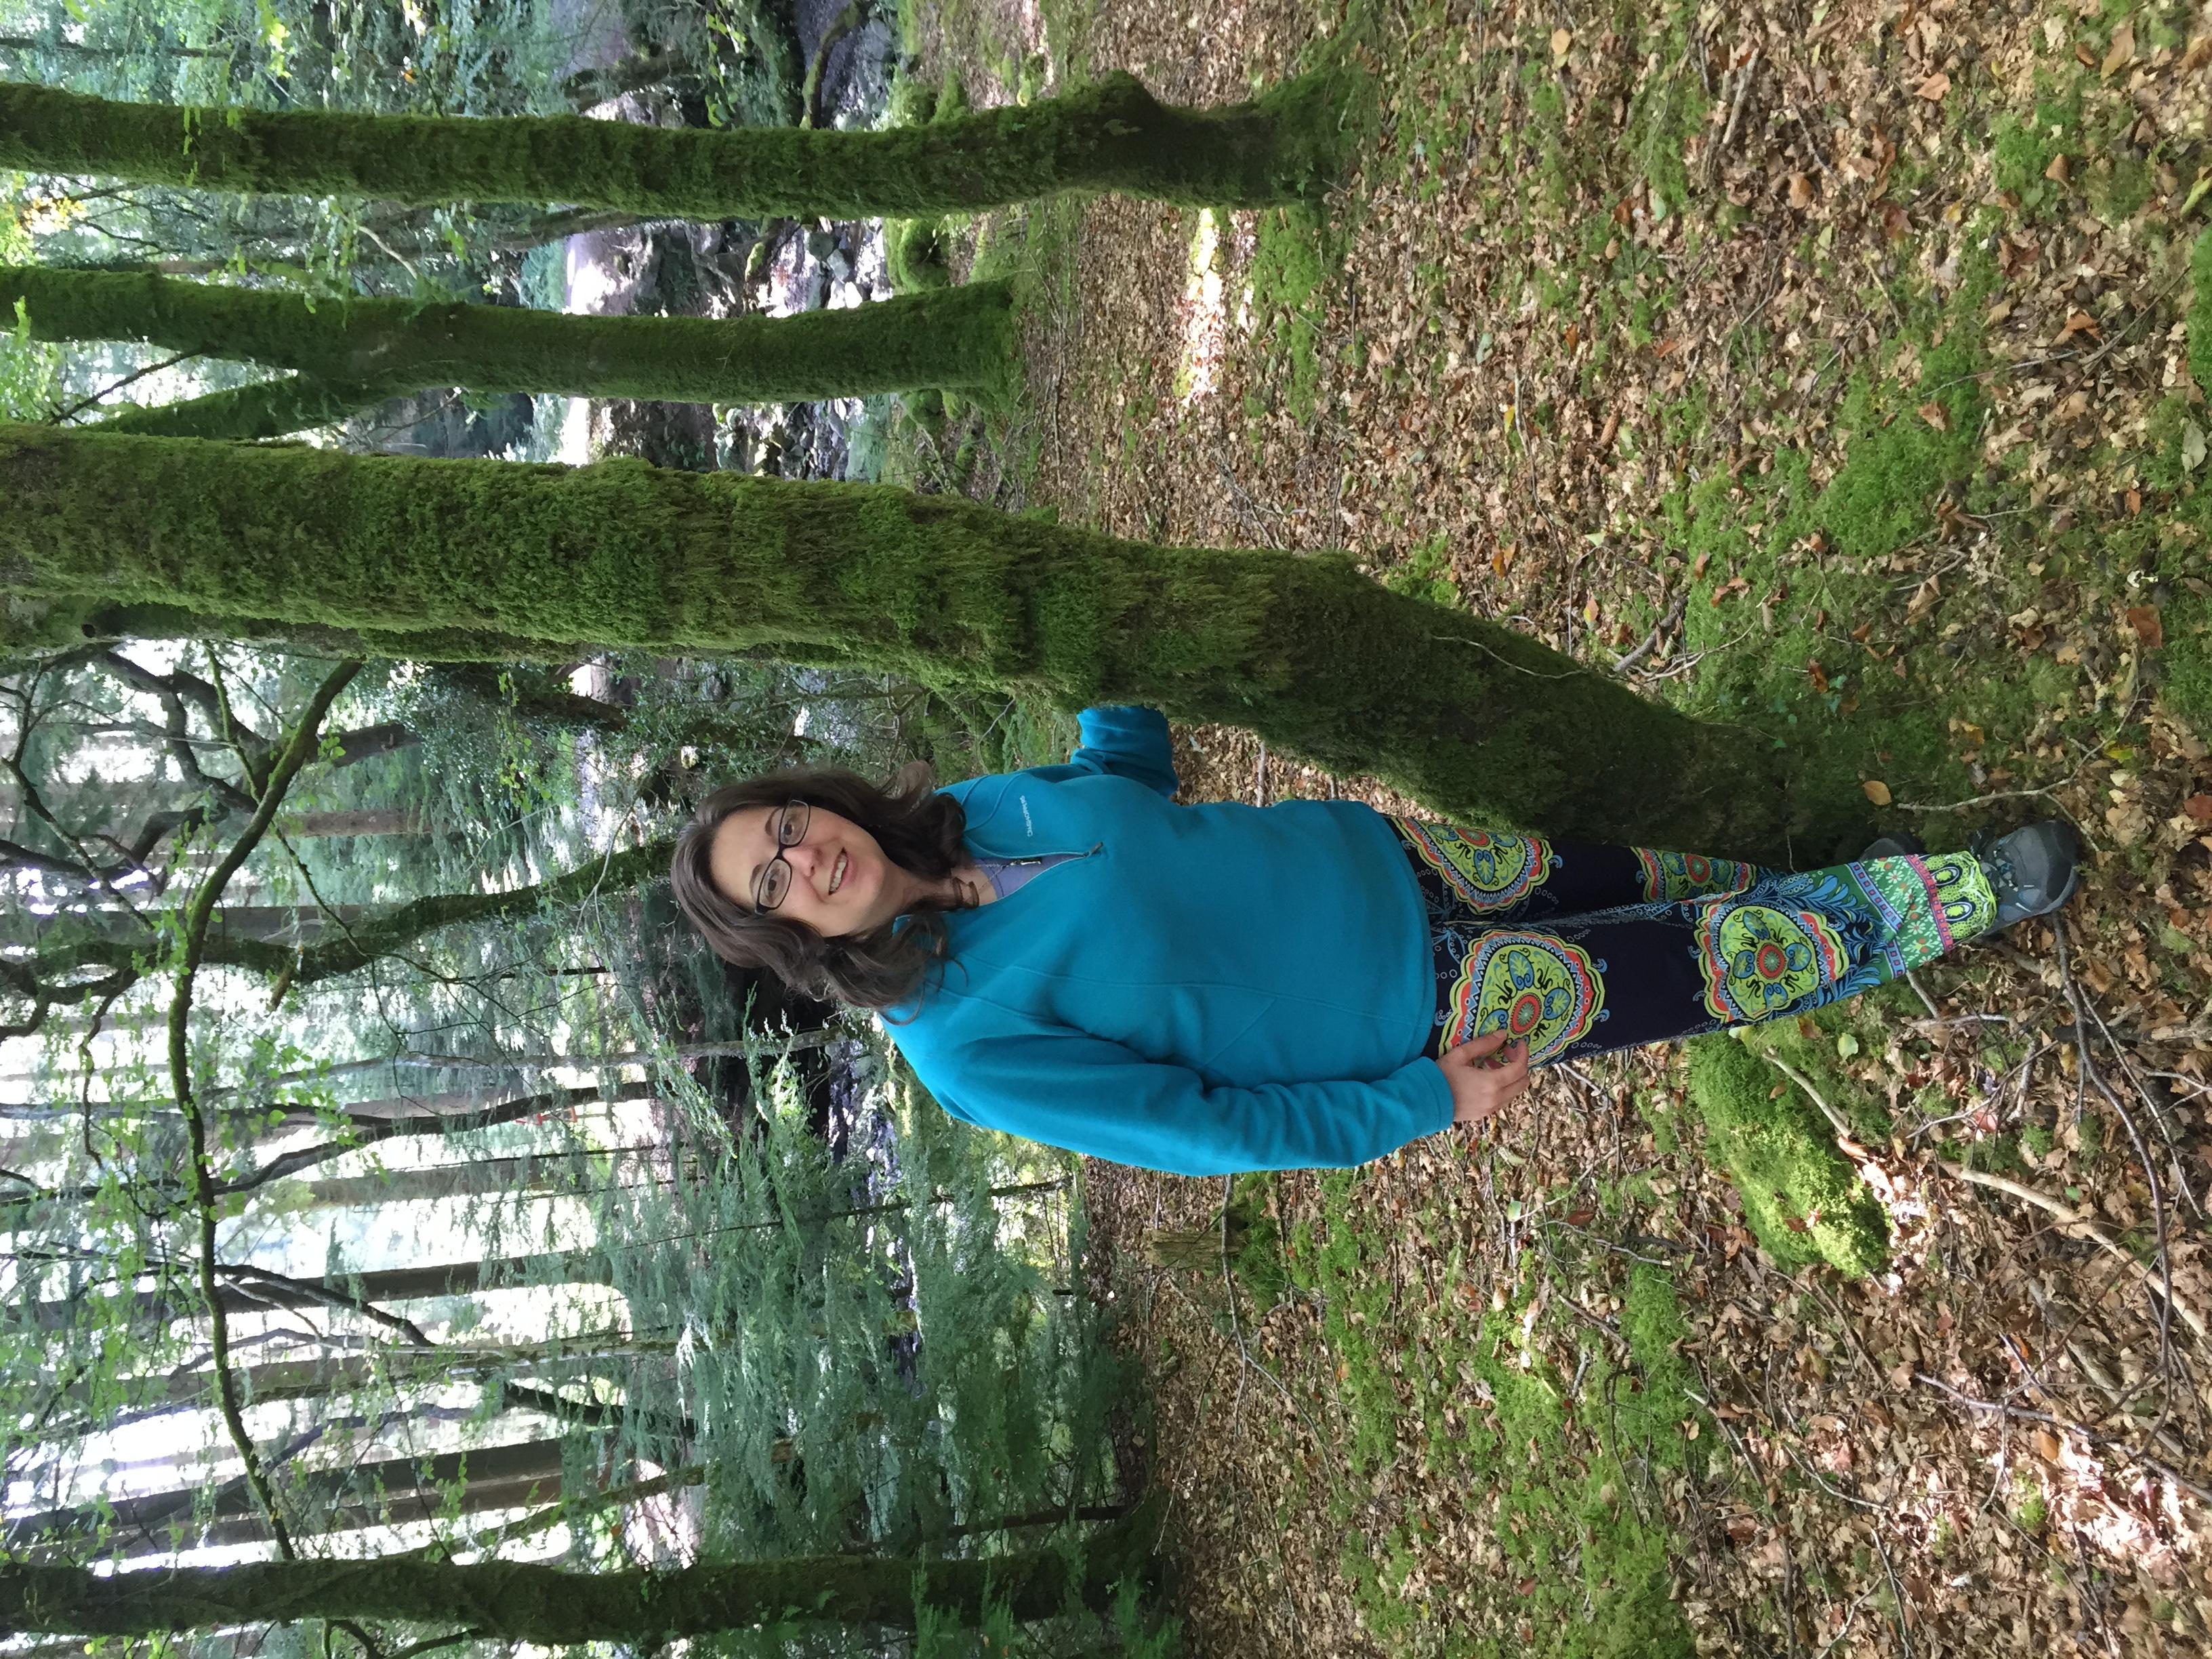 In Beddgelert Forest